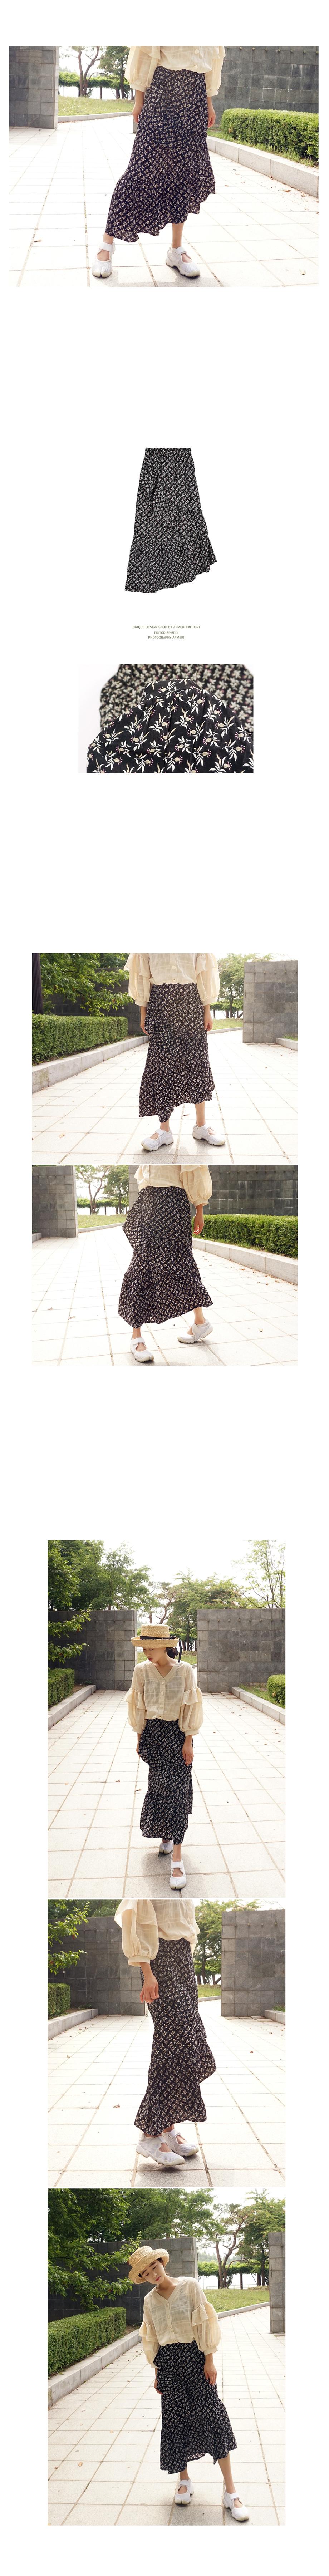 사선프릴 잔꽃밴딩롱스커트 - 앞머리, 31,500원, 하의, 스커트